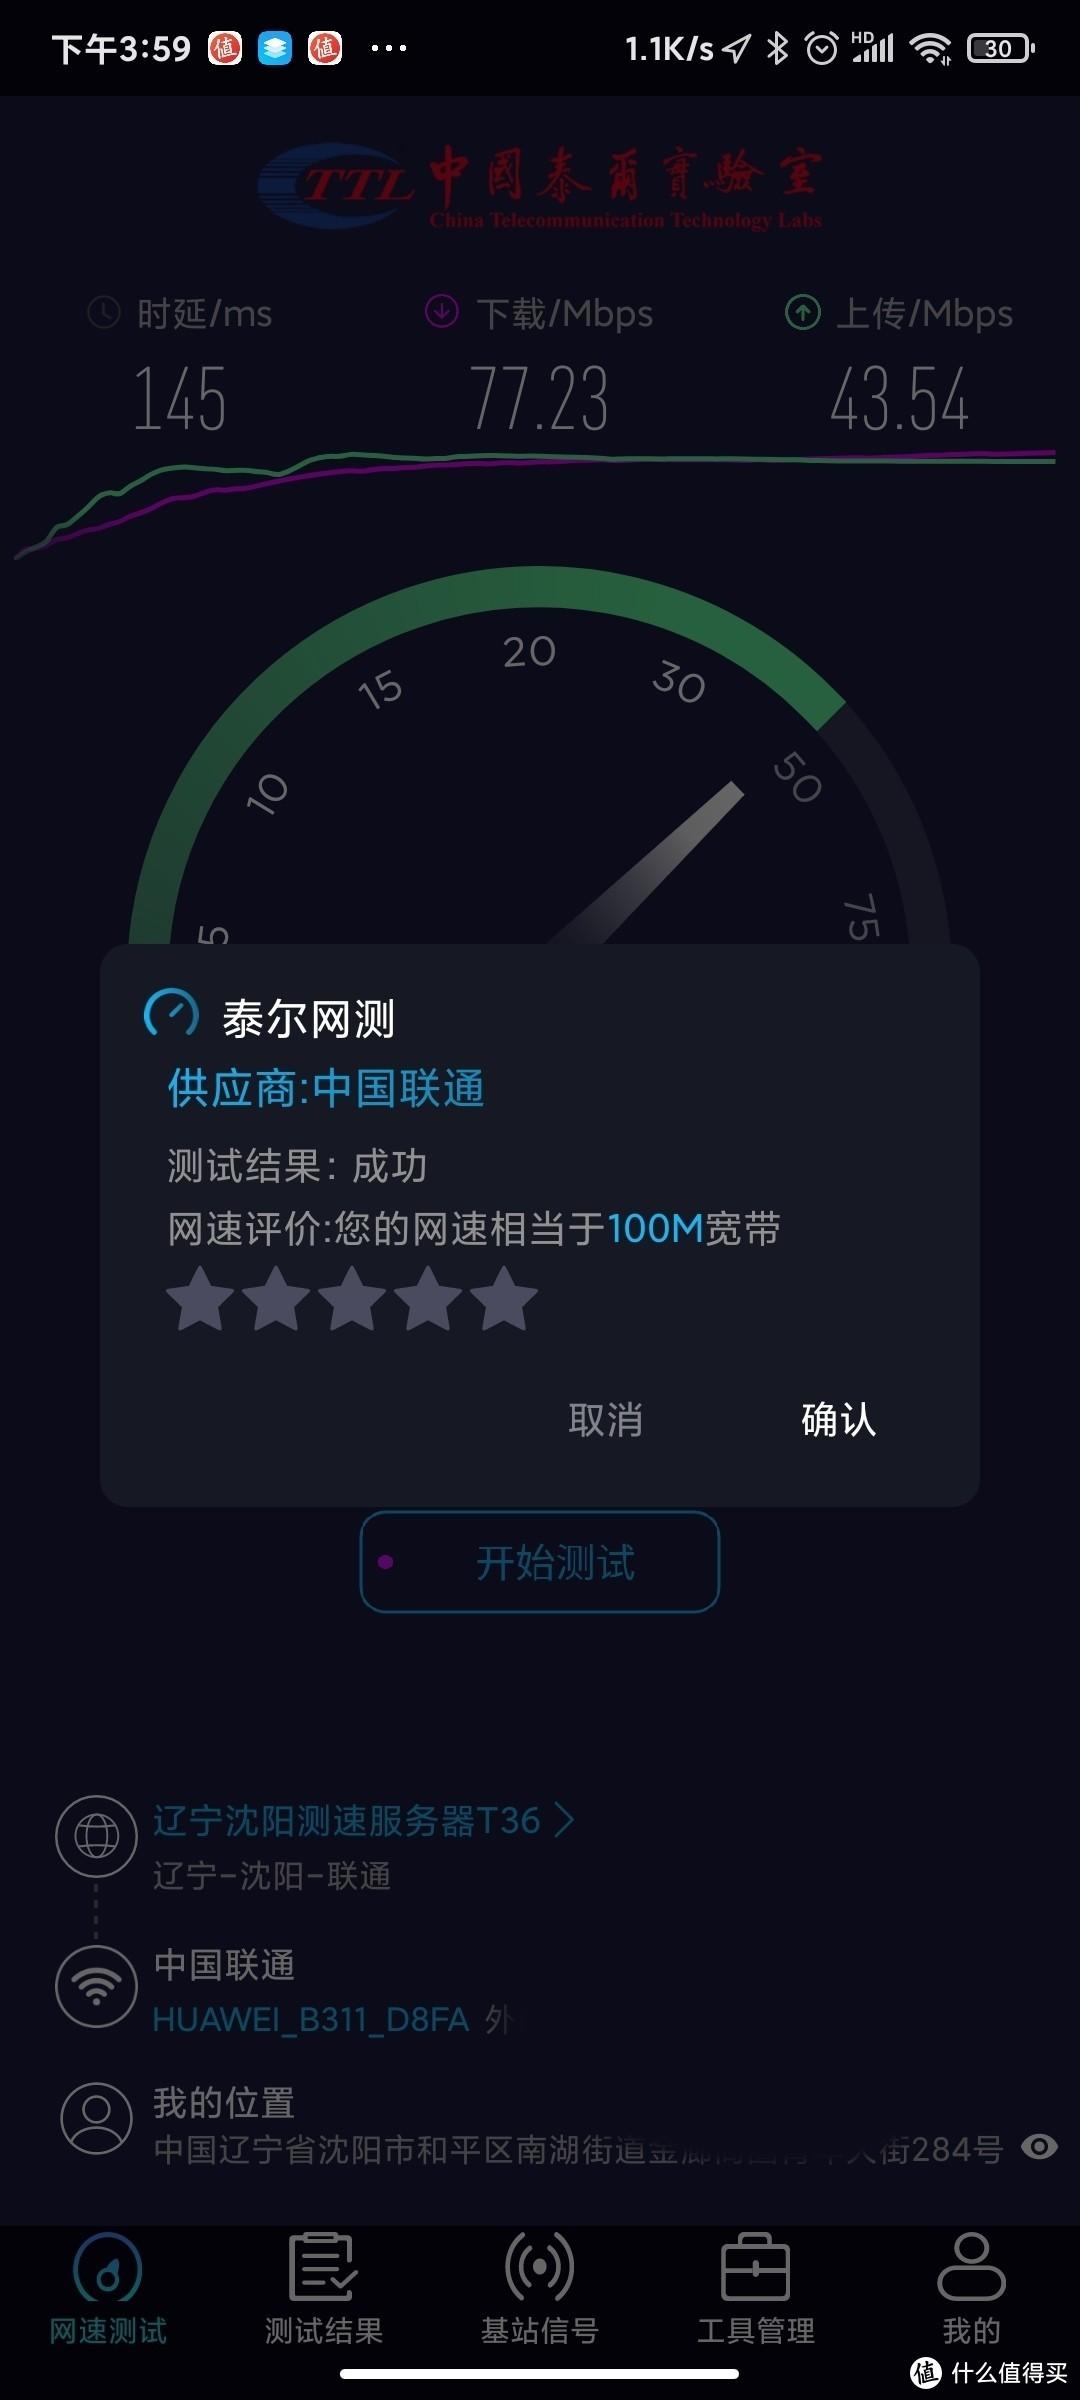 我的位置在沈阳CBD区,测速结果还是挺满意的,手机显示的下载能到10MB。